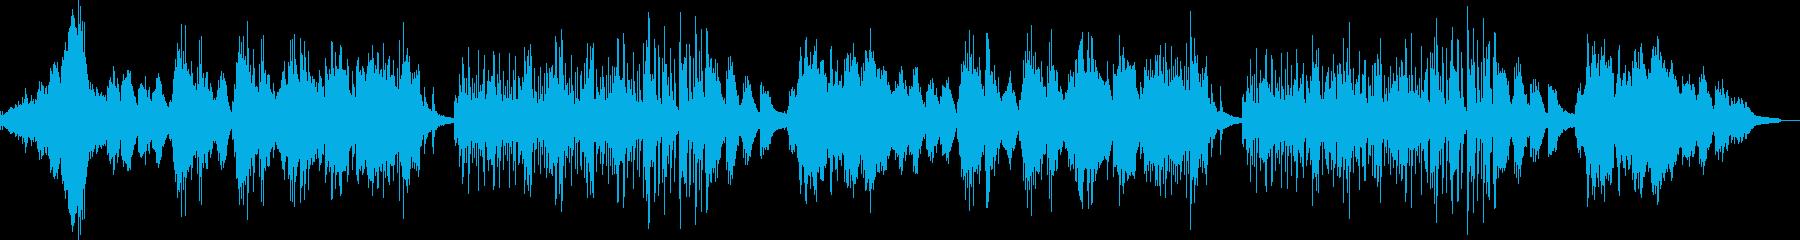 ピアノと弦楽器中心の爽やかなサウンドの再生済みの波形